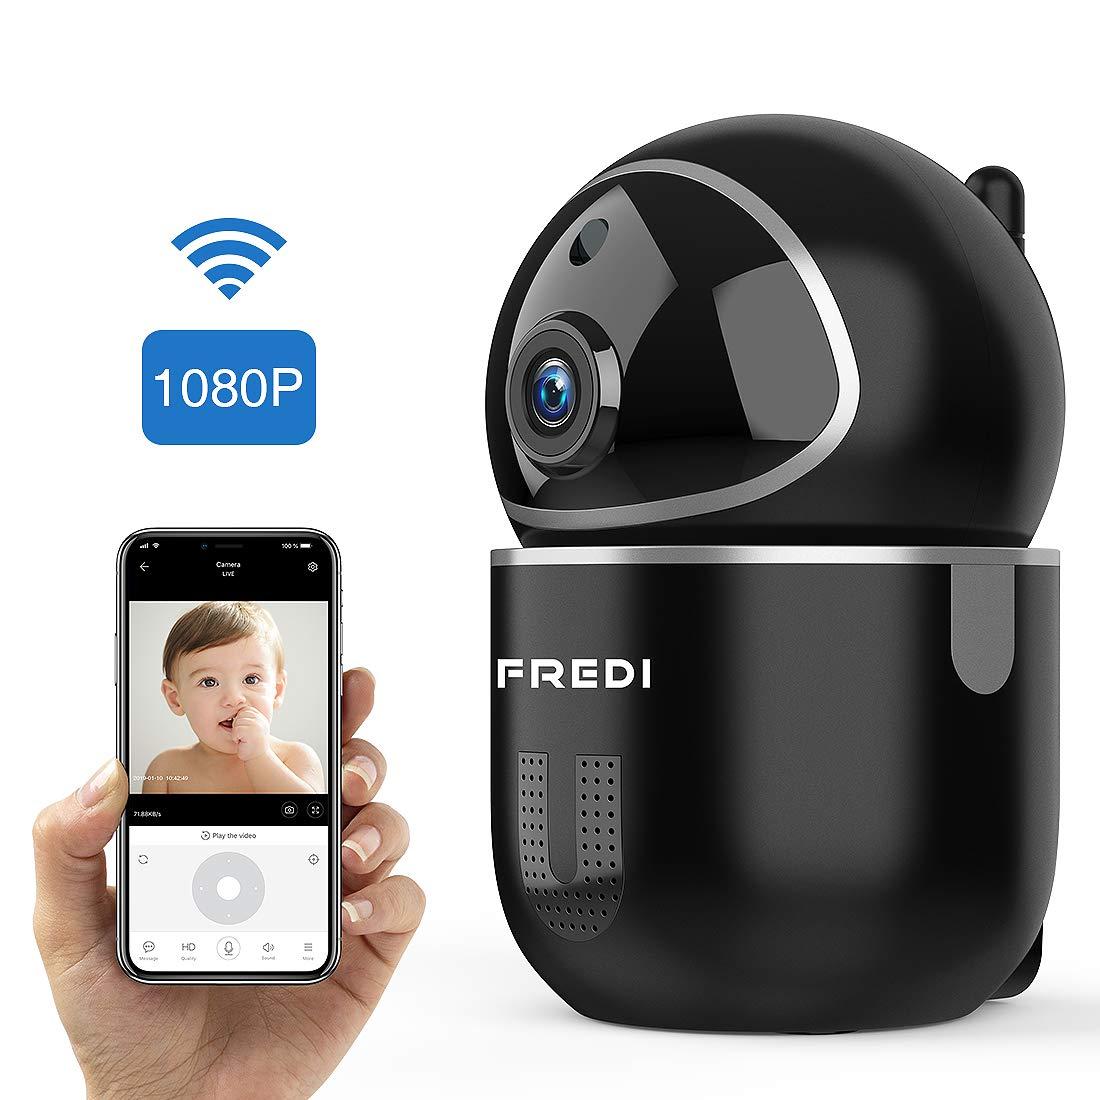 Cámara de vigilancia FREDI WiFi con detección de movimiento, visión nocturna y audio bidireccional por 29,09€ ¡¡71% de descuento!!